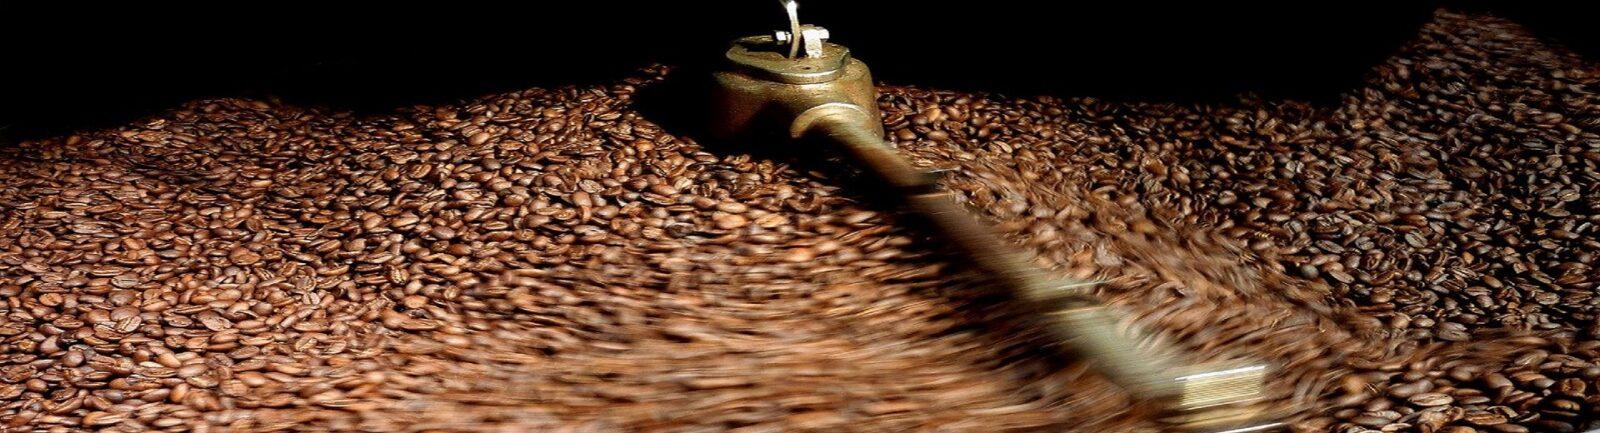 MVO - Coffee@Work: Koffie en koffieautomaten voor bedrijven